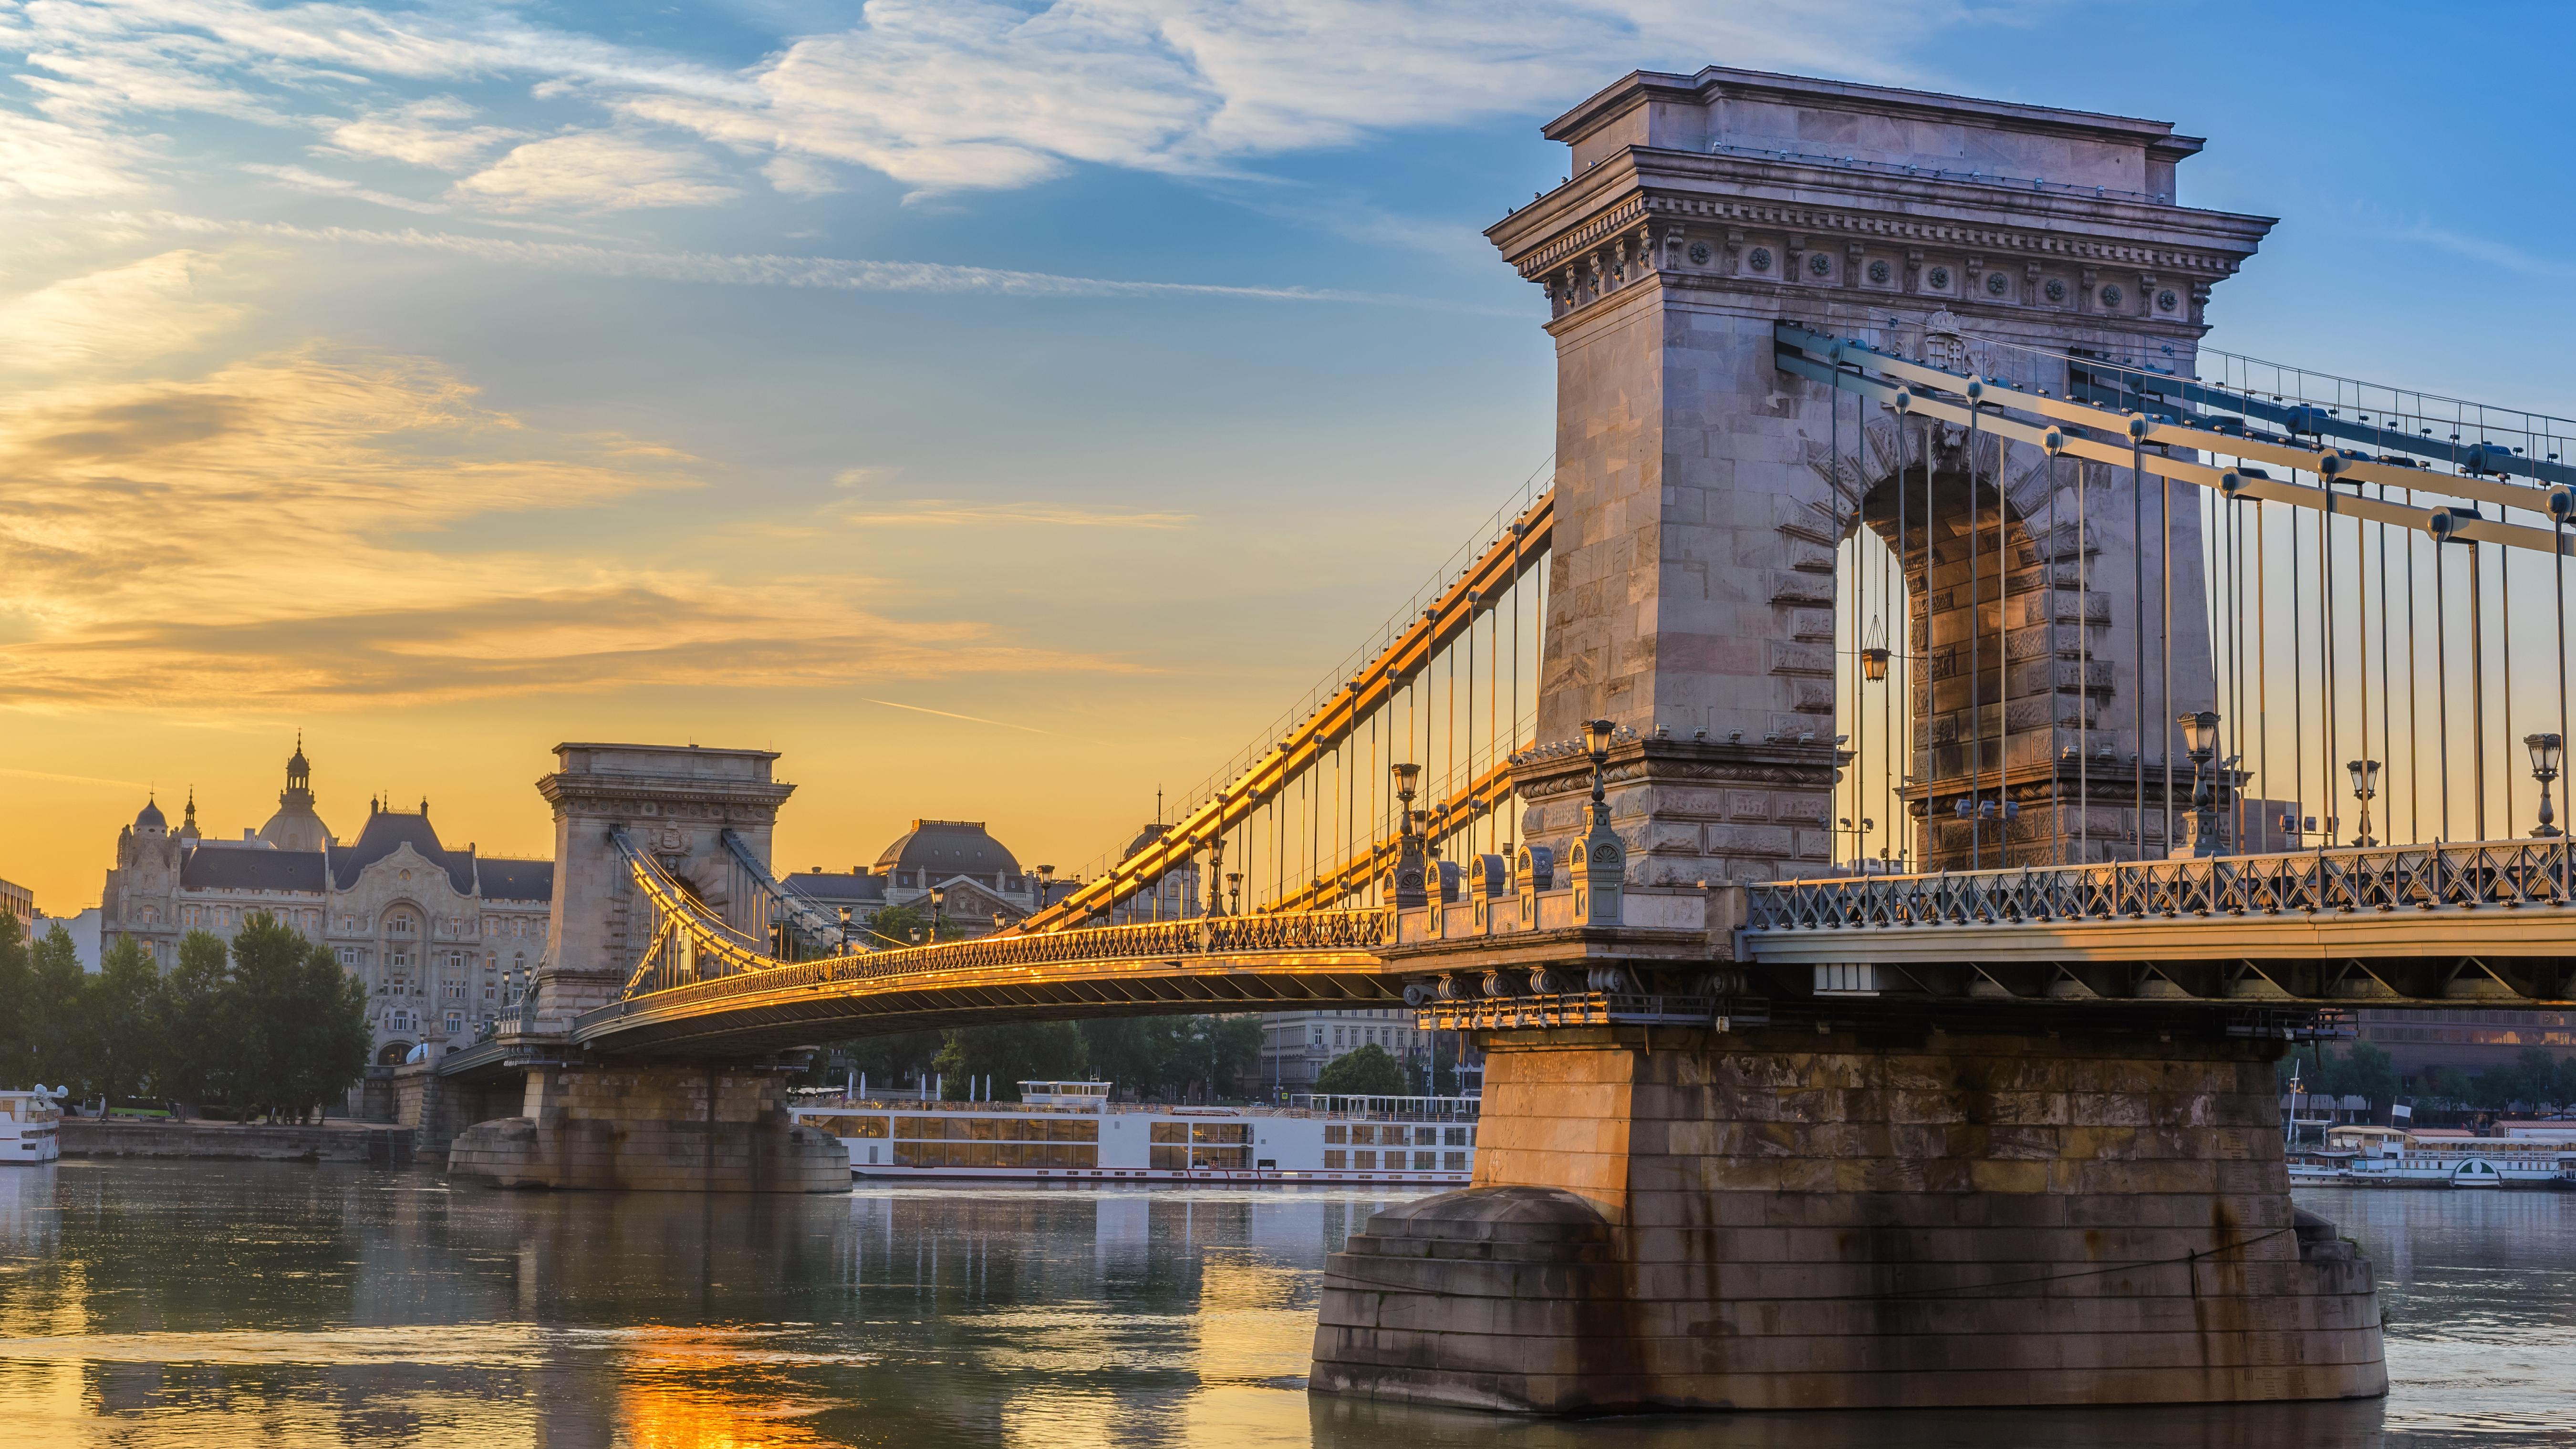 Вид на Цепной мост в Будапеште, столице Венгрии, ПМЖ которой могут получить россияне, украинцы и белорусы